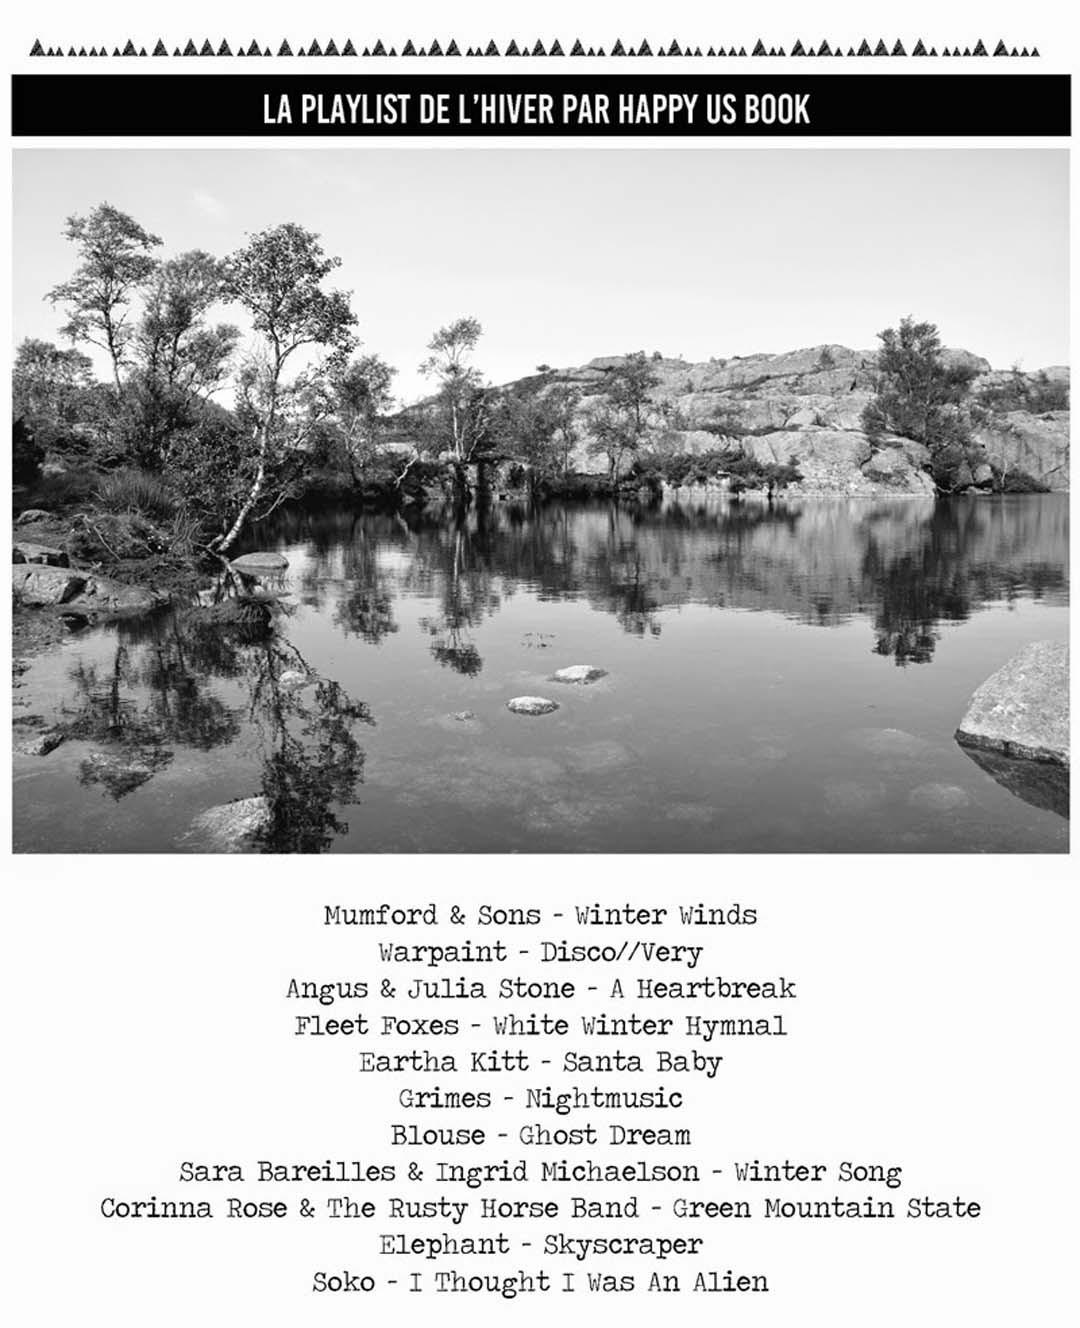 Playlist de l'hiver par Happy Us Book